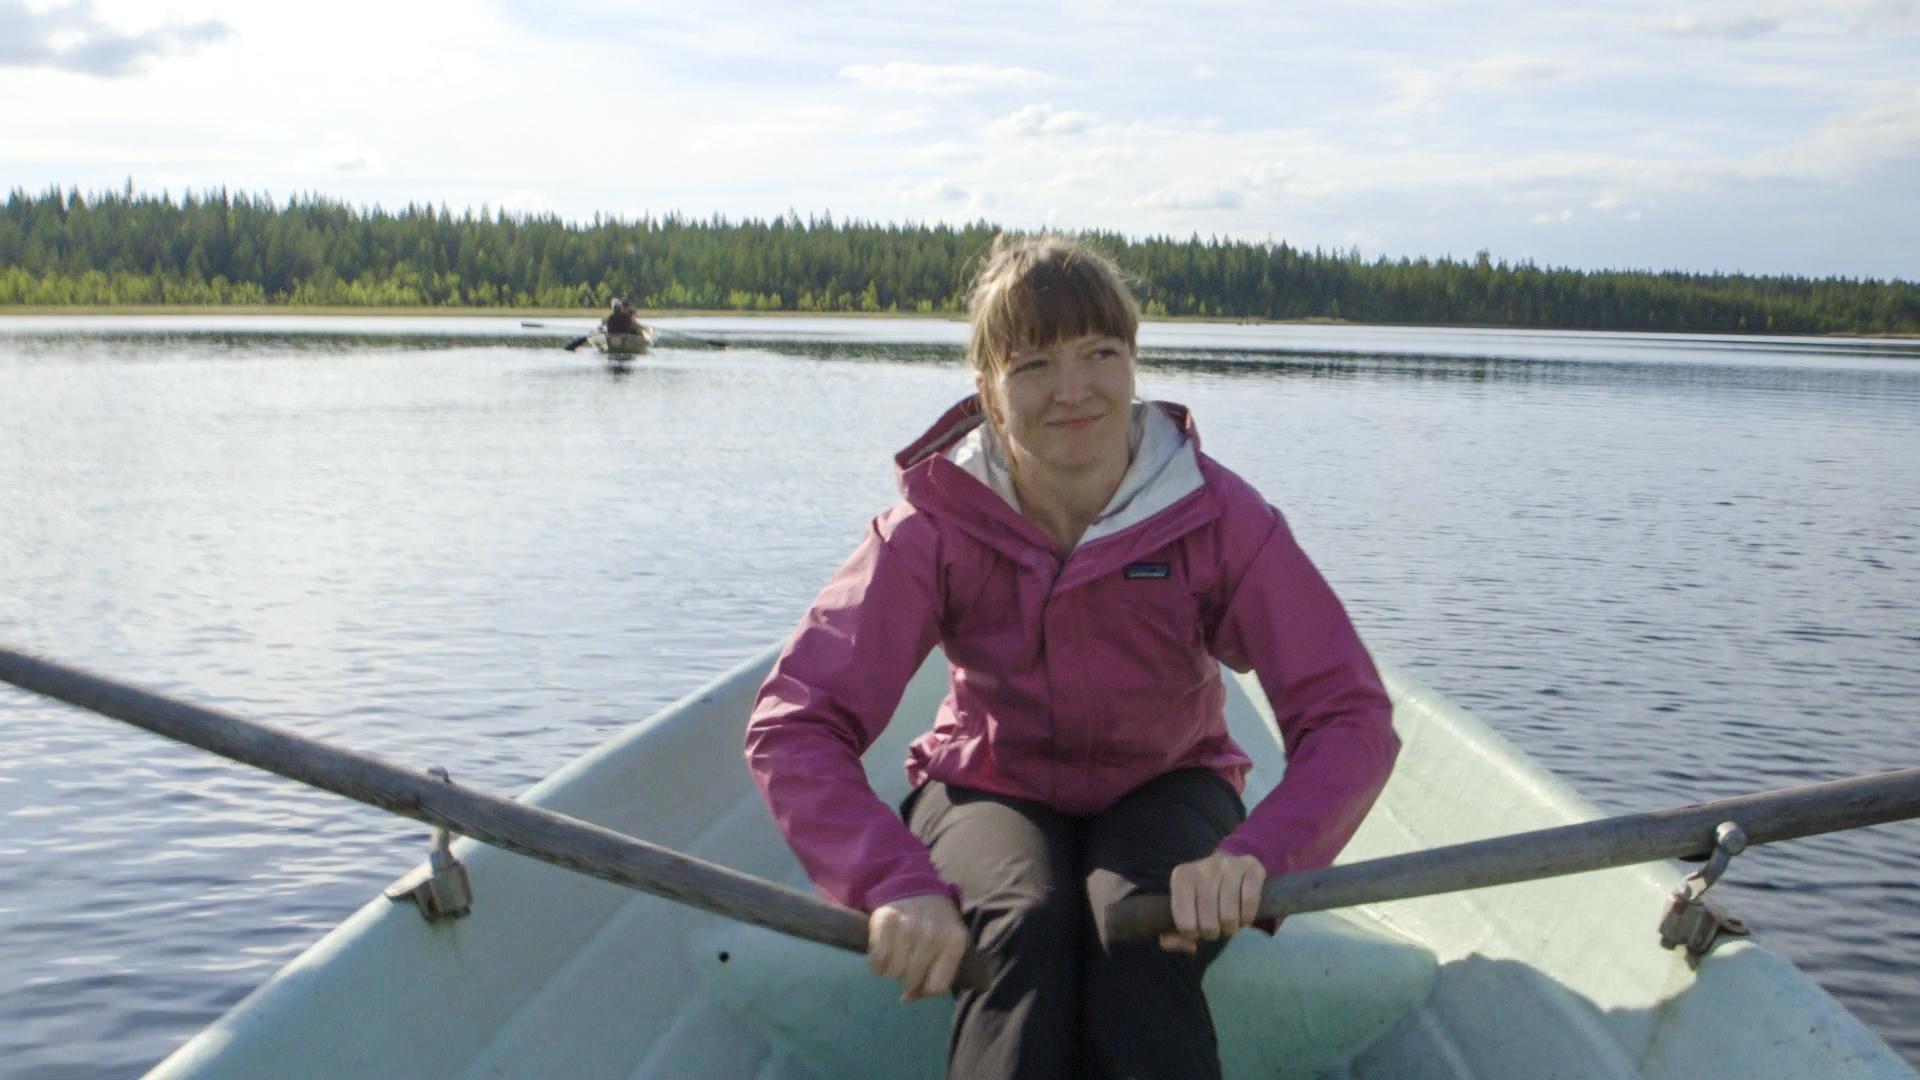 Nuin-Tara, rowing